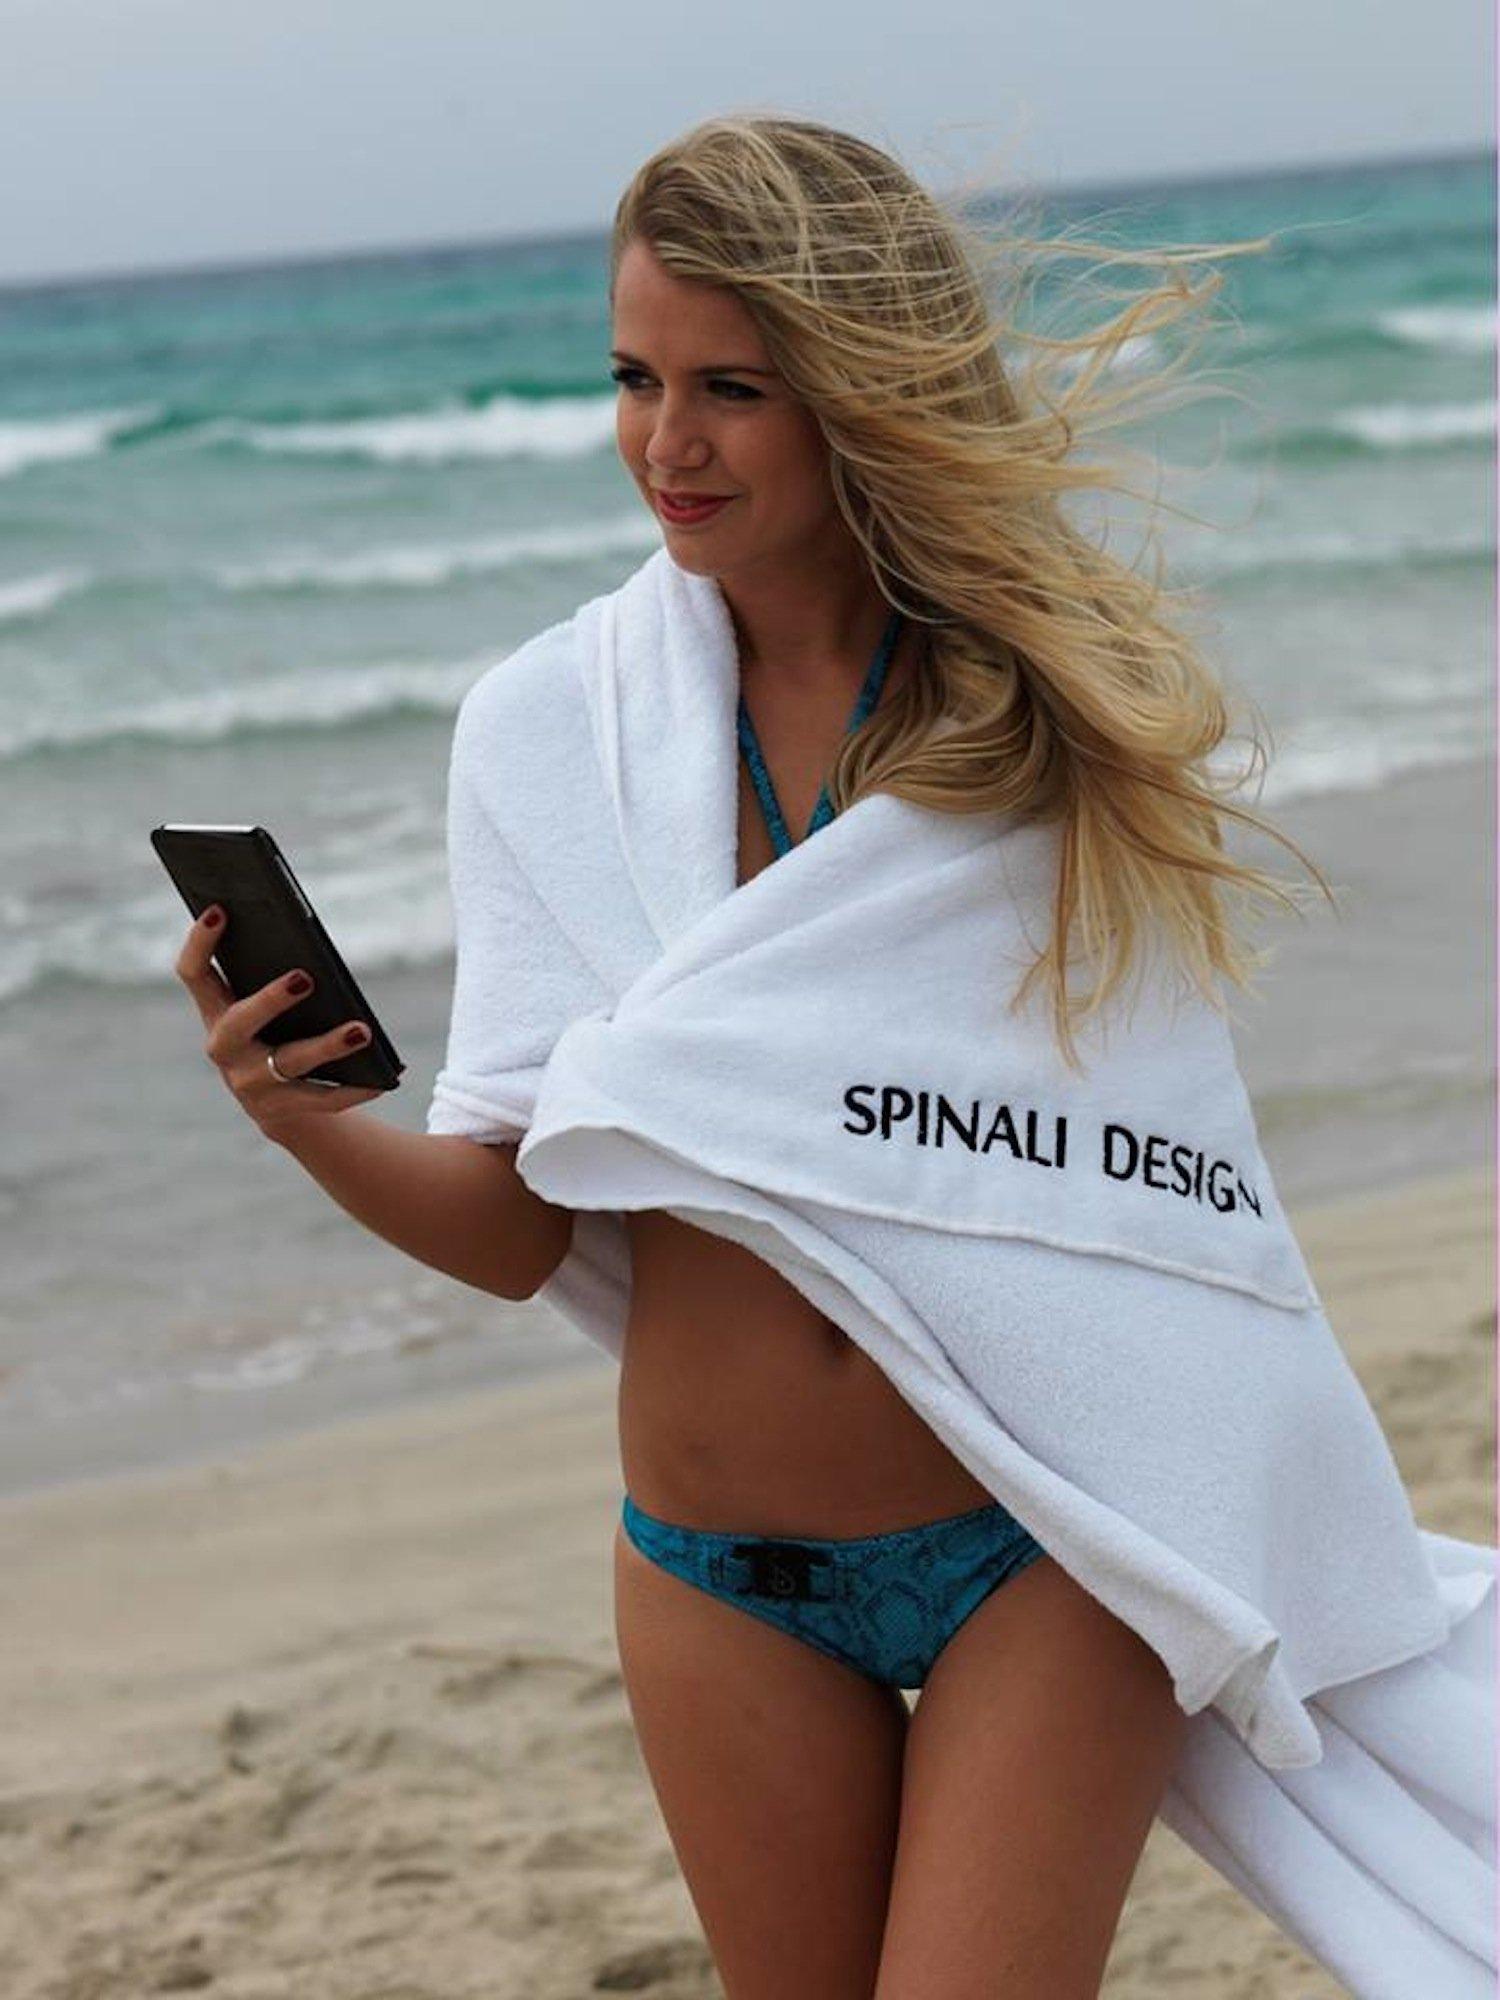 Die UV-Sensoren lassen sich auch in Badetücher integrieren. Kostenpunkt: 99 Euro.